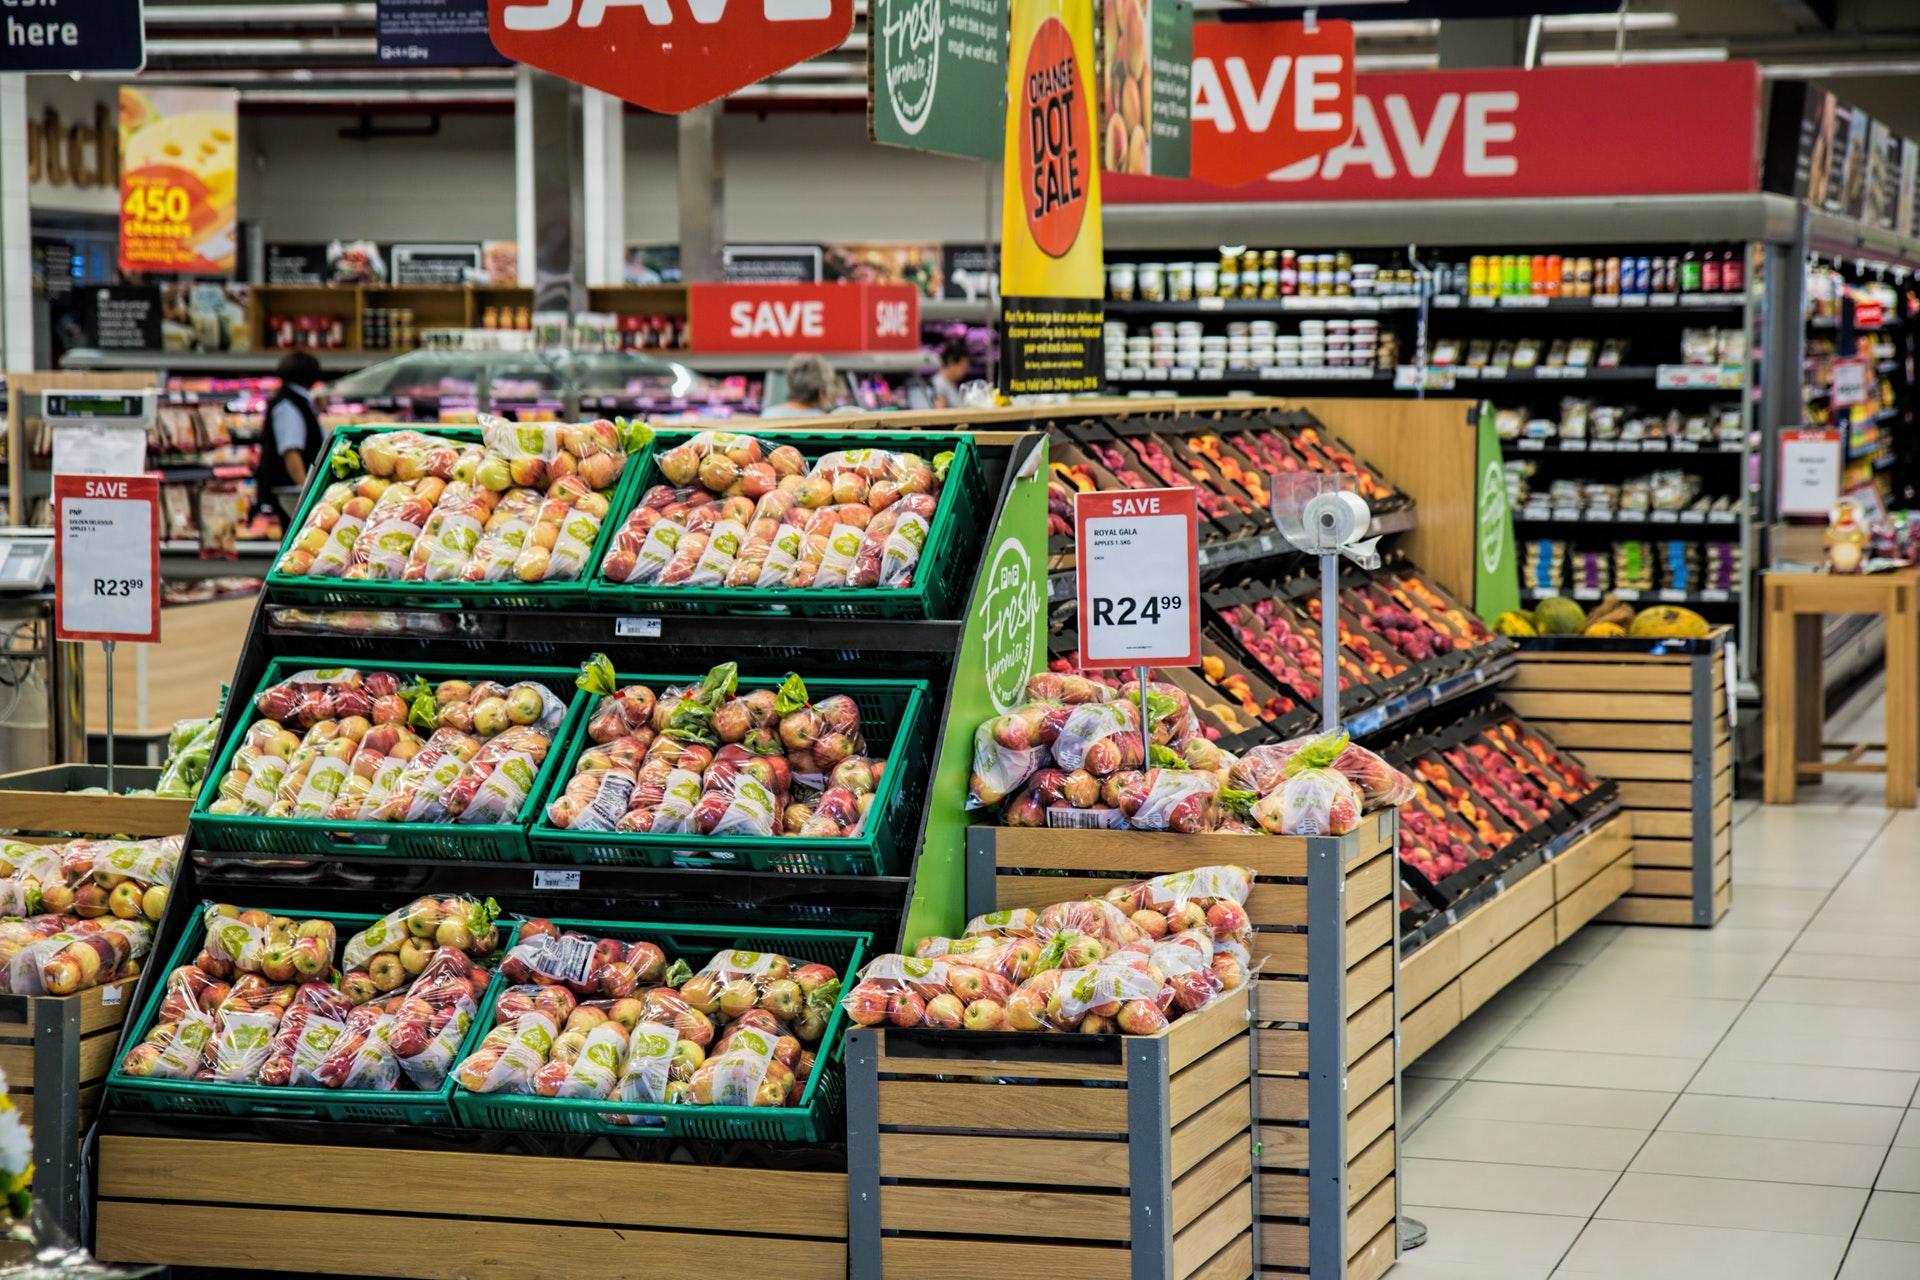 Los cupones de descuento también podemos encontrarlo en los supermercados